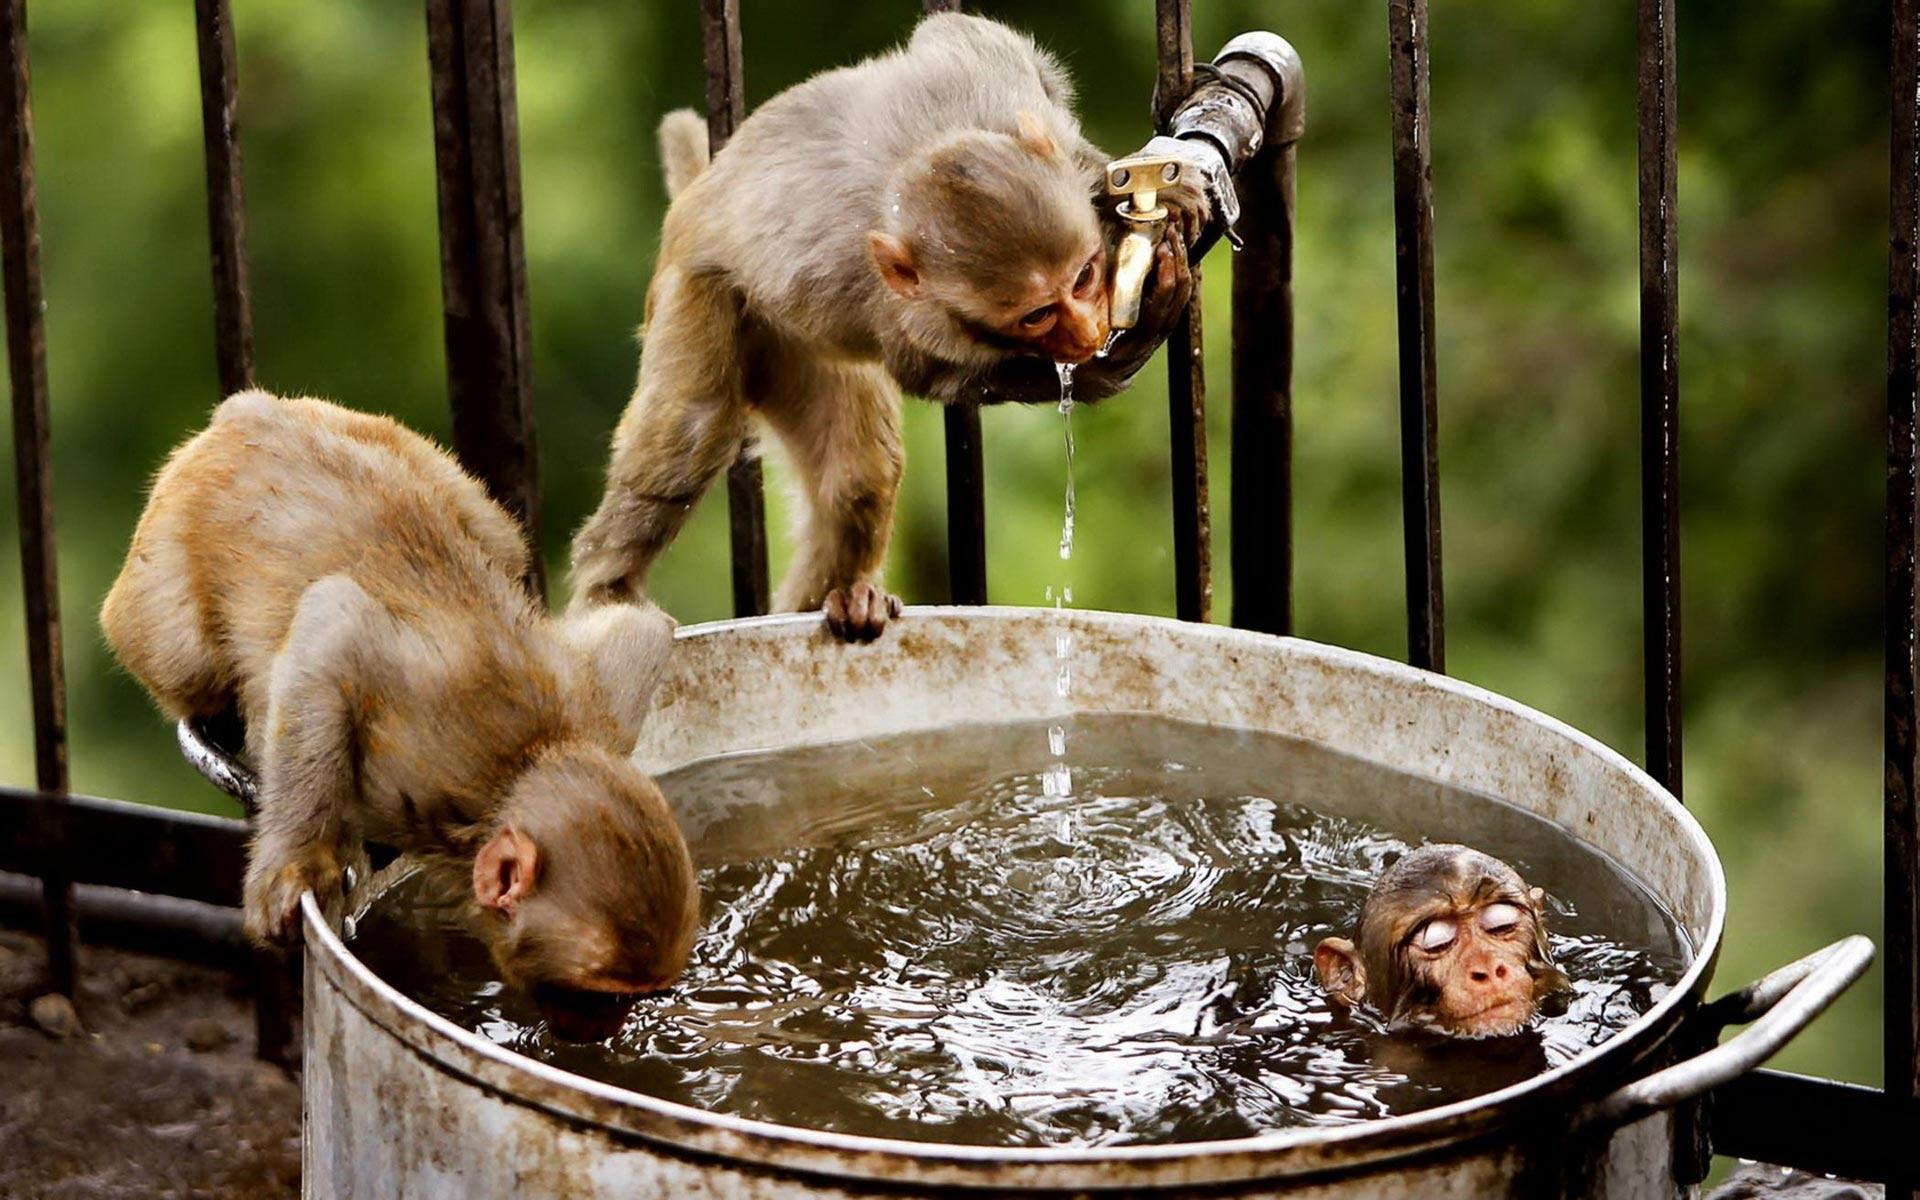 monkey download wallpaper